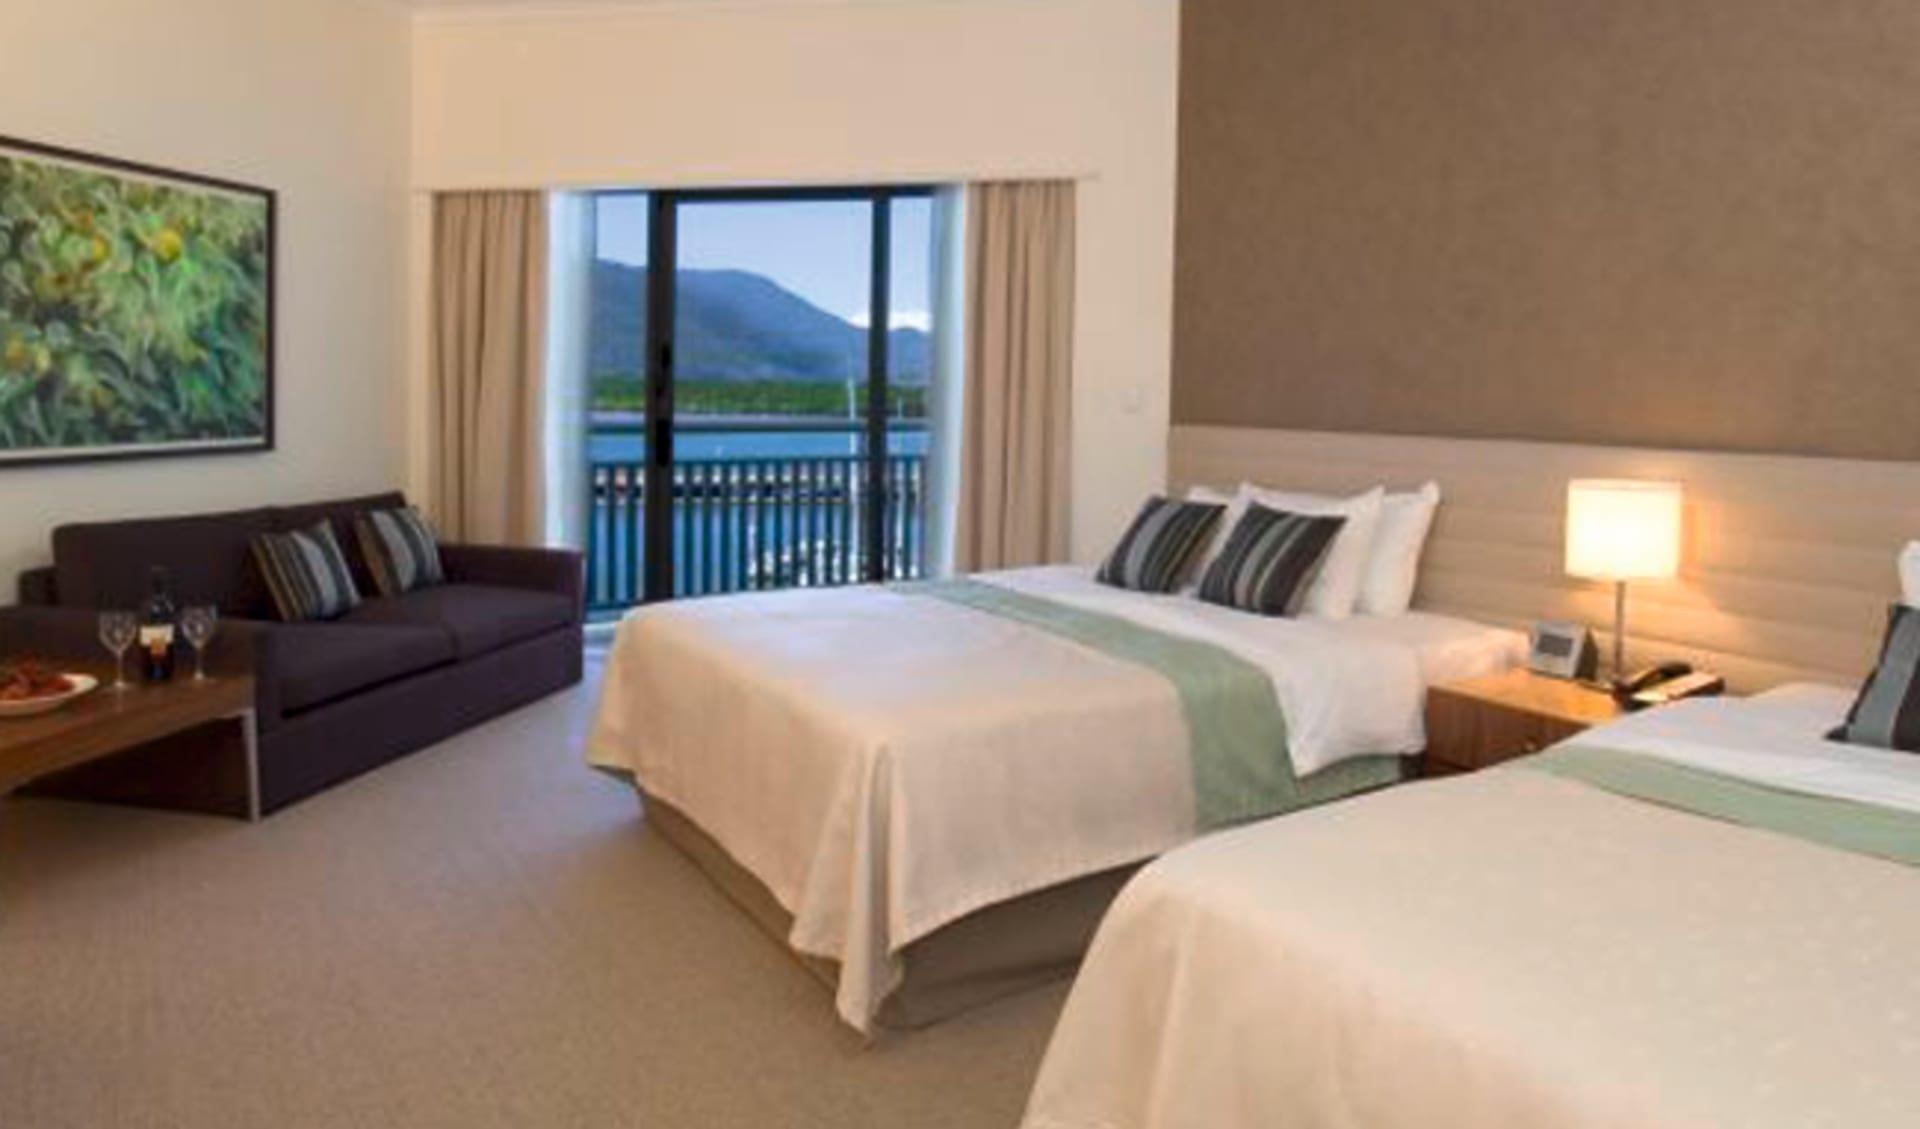 Shangri-La Hotel The Marina Cairns:  Shangri-La Hotel The Marina Cairns - Deluxe Sea View Room